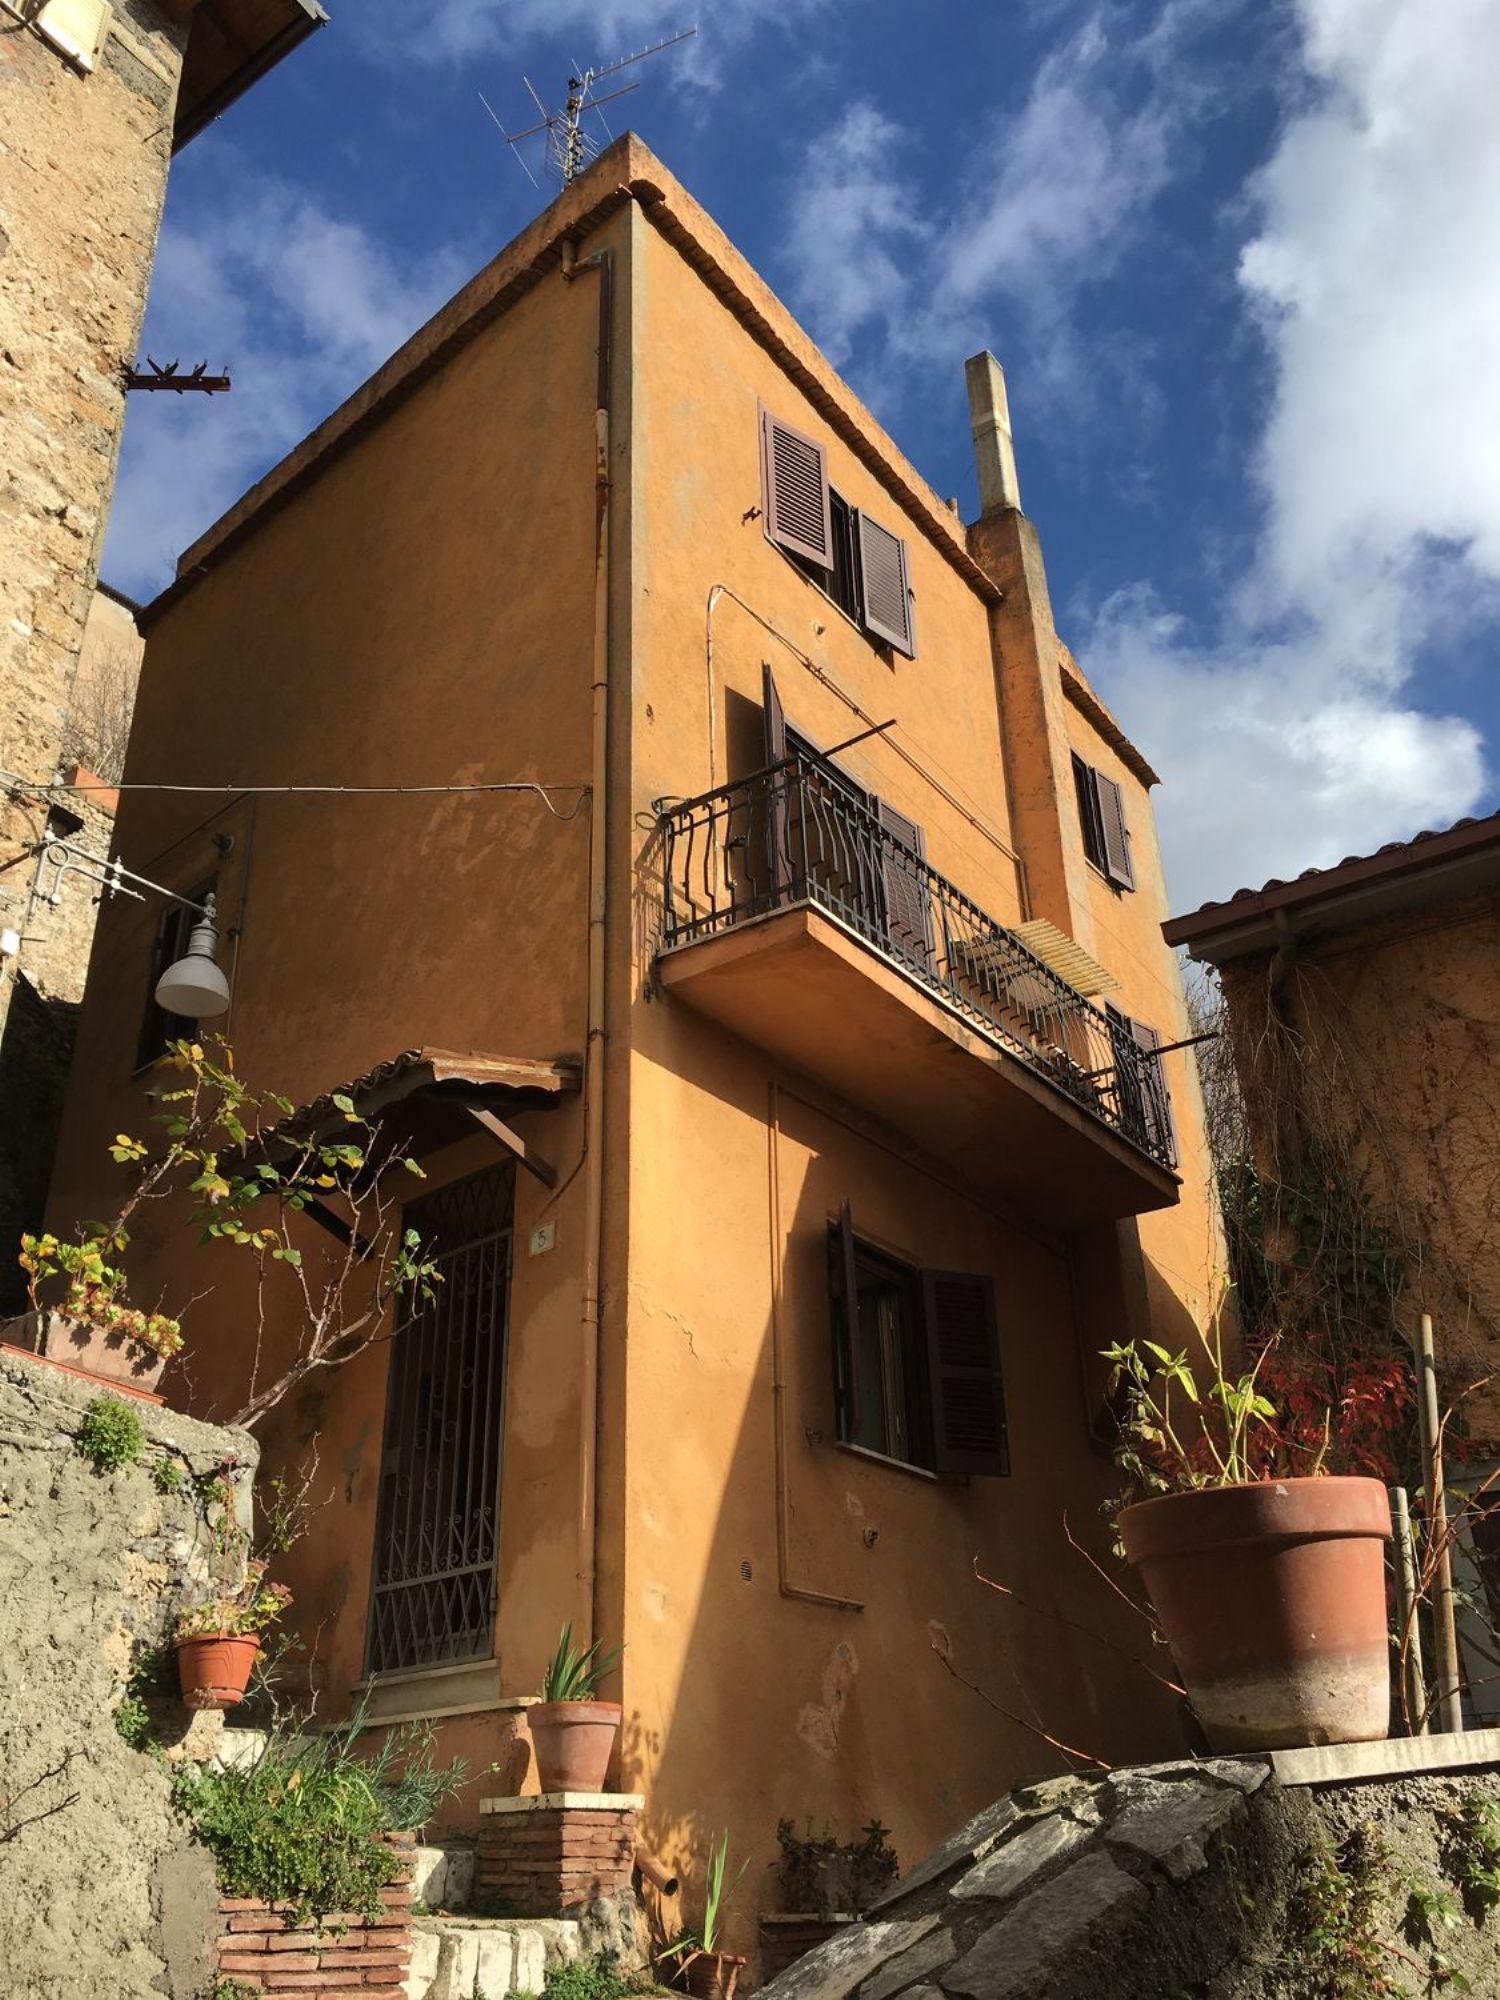 Appartamento in vendita a Subiaco, 5 locali, prezzo € 80.000 | CambioCasa.it